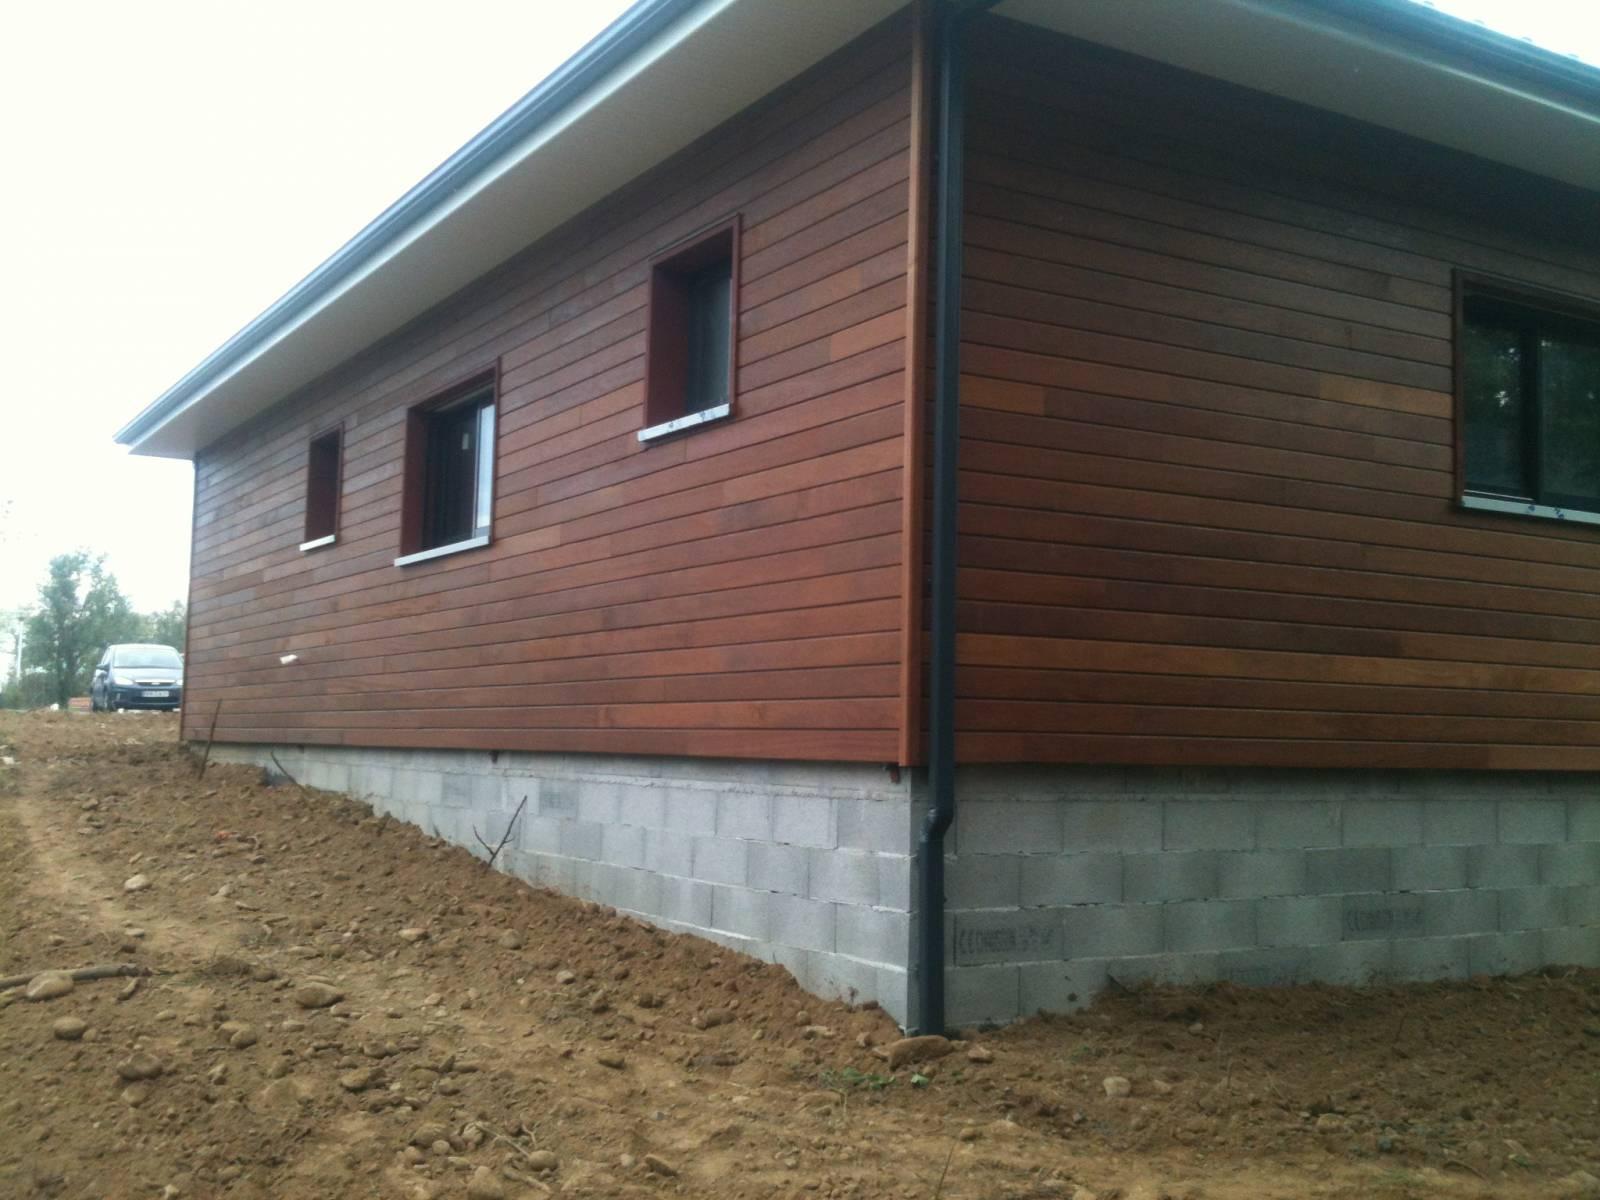 Maison hors d 39 eau hors d 39 air r f 32 pr s de toulouse 31 - Assurance maison hors d eau hors d air ...